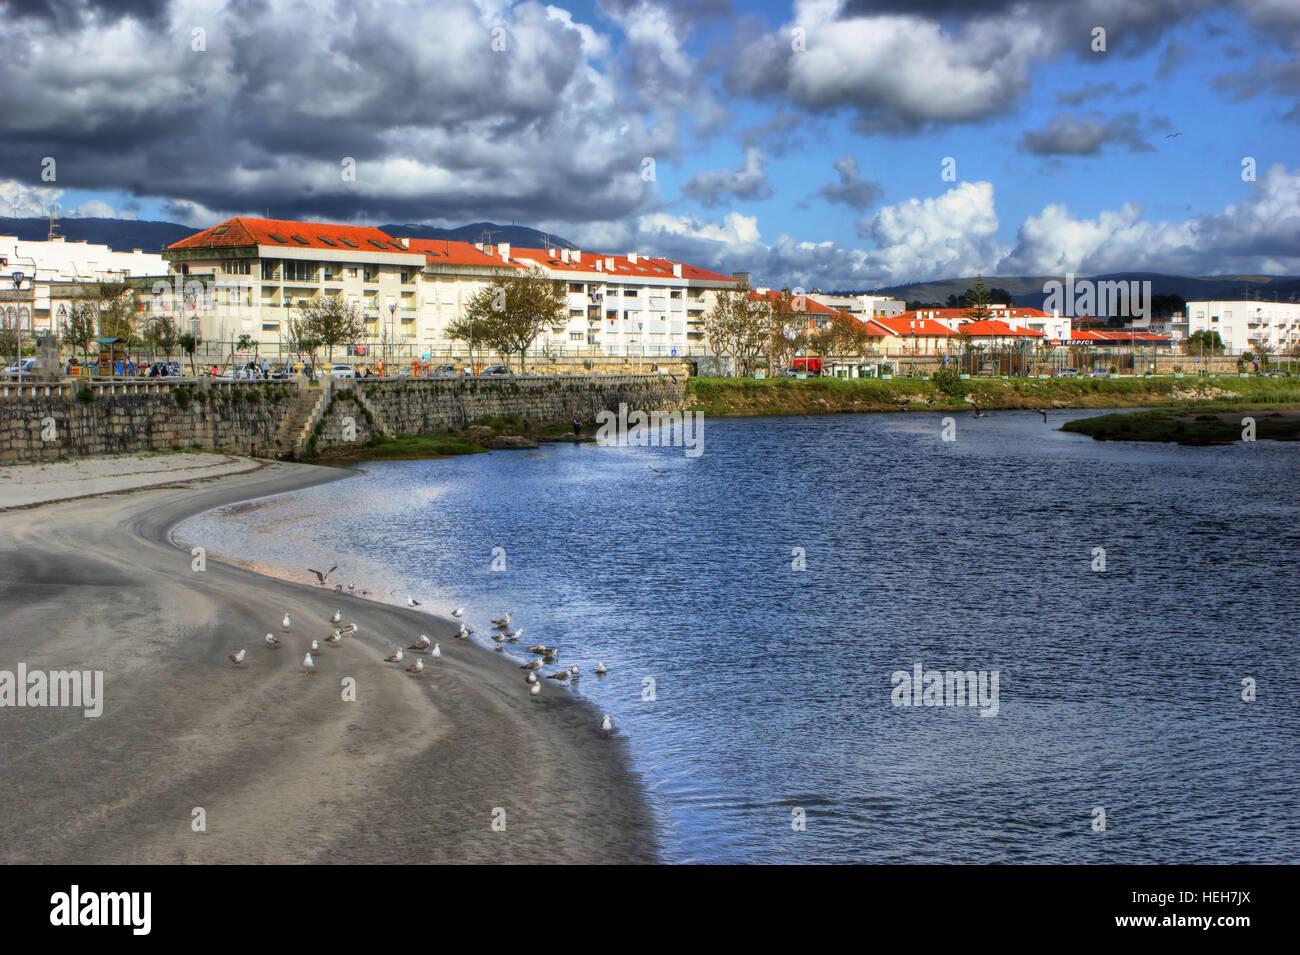 River scenery in Vila Praia de Ancora, north of Portugal - Stock Image